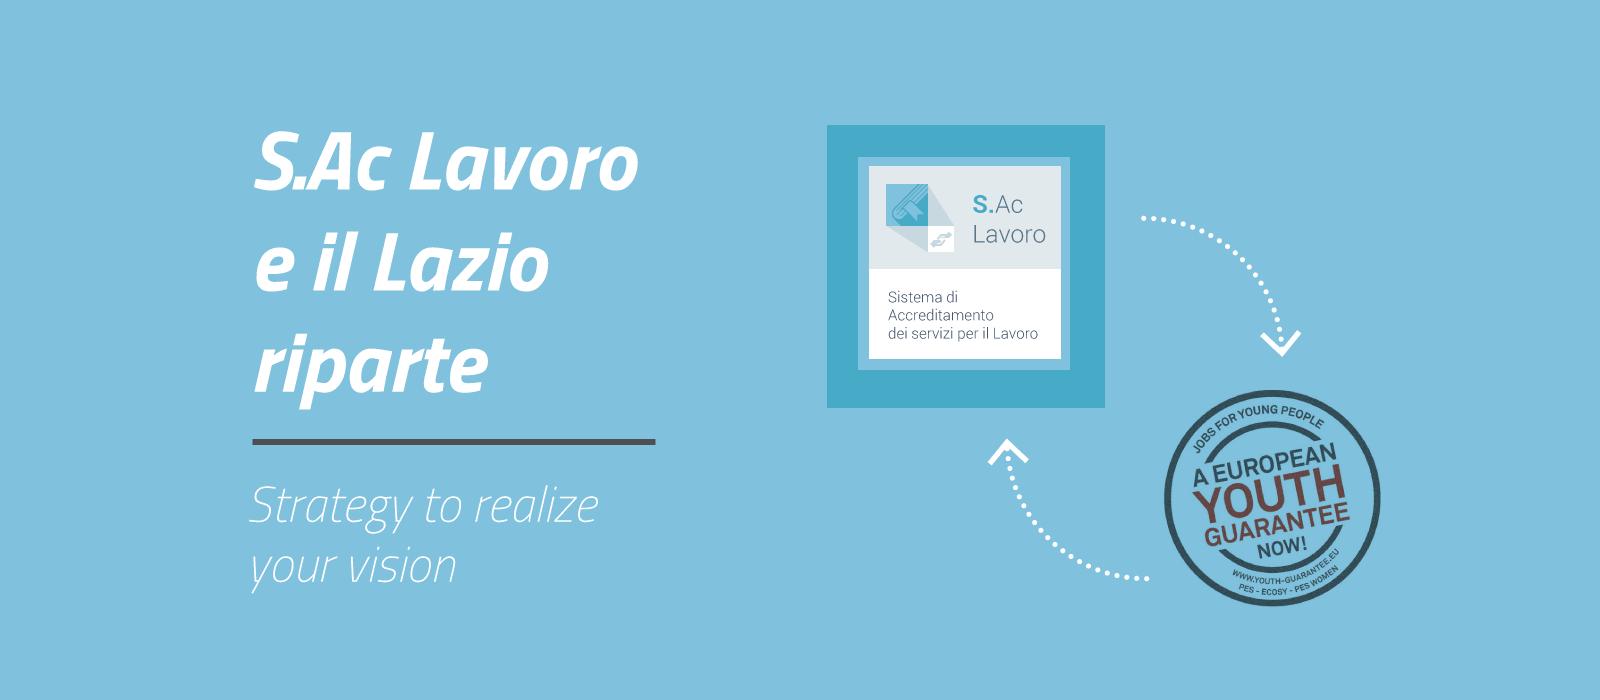 Sac sistema accreditamento lavoro Lazio